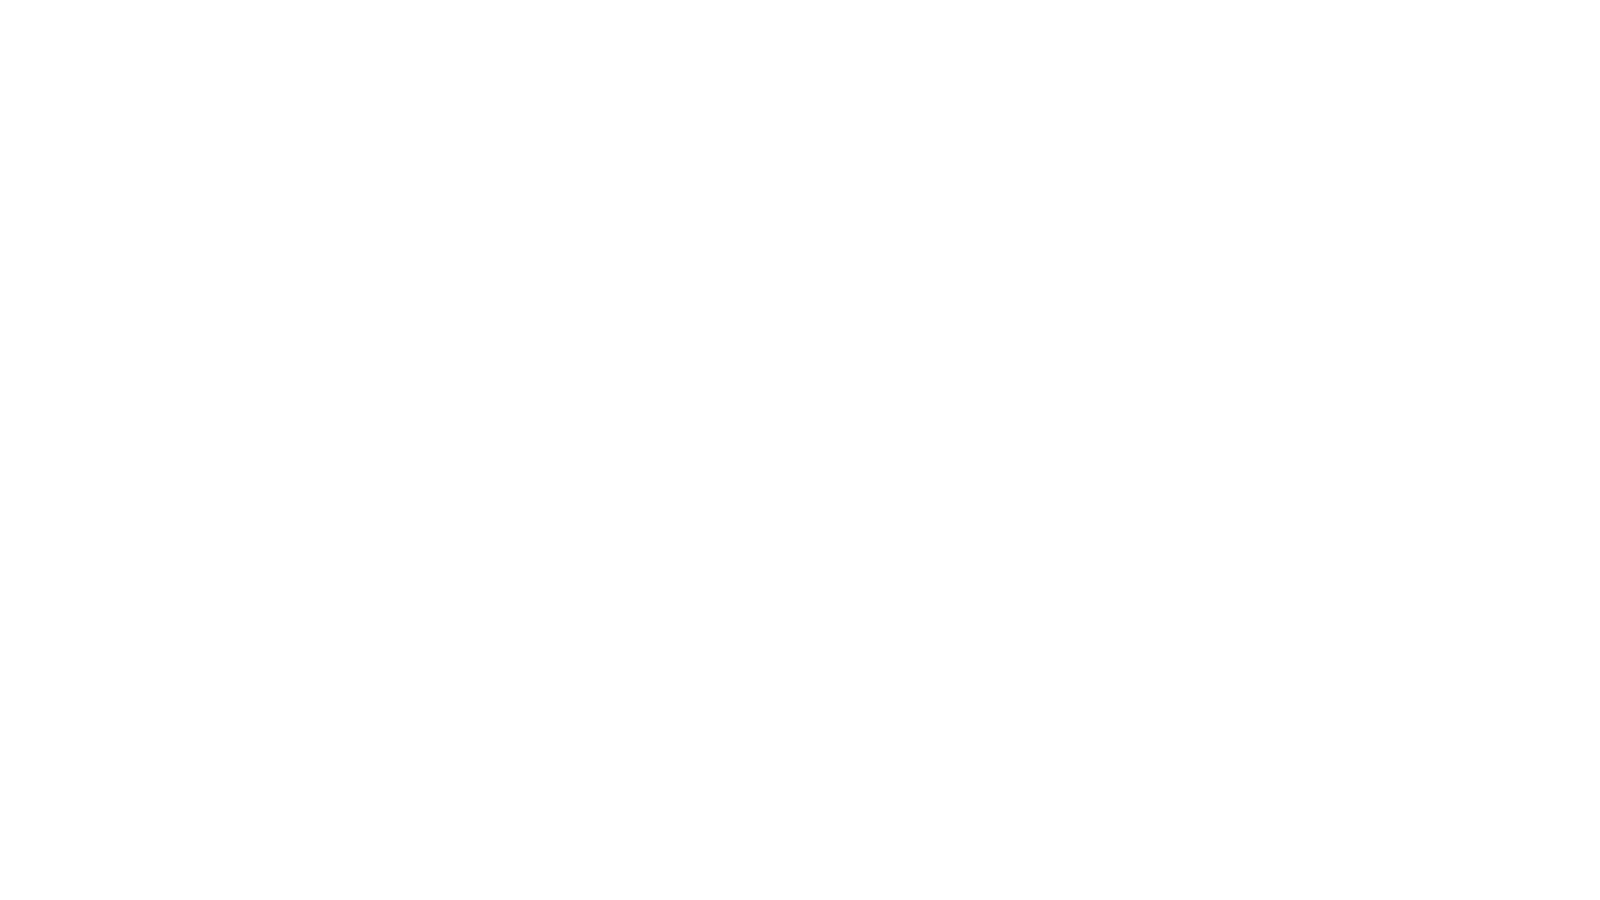 20 ANOS DE RITMO MELODIALink da entrevista: https://www.ritmomelodia.mus.br/entrevistas/passaro-unitario/Você conhece a Revista Ritmo Melodia.Somos o maior banco de dados de entrevistas com músicos brasileiros. Aqui, além de consultar as informações, você pode avaliar e discutir sobre nossas entrevistas e artistas dos mais diversos gêneros, como: forró, samba, pagode, baião, maracatu, reggae, rock, pop, mpb, brega, sertanejo, caipira, bossa nova, rap e muito mais.Já entrevistamos artistas como: Gilberto Gil, Dominguinhos, Sivuca, Tribo de Jah, Zé Rodrix, Yamandu Costa, Papete, Geraldo Vandré, Nelson Faria, Paulinho da Viola, Nelson Sargento, Hyldon, Wilson Curia, entre tantos outros, todo mês temos muitas outras novas.Site: https://www.ritmomelodia.mus.brInstagram: https://instagram.com/revistaritmomelodiaPinterest: https://br.pinterest.com/revistaritmomelodia/